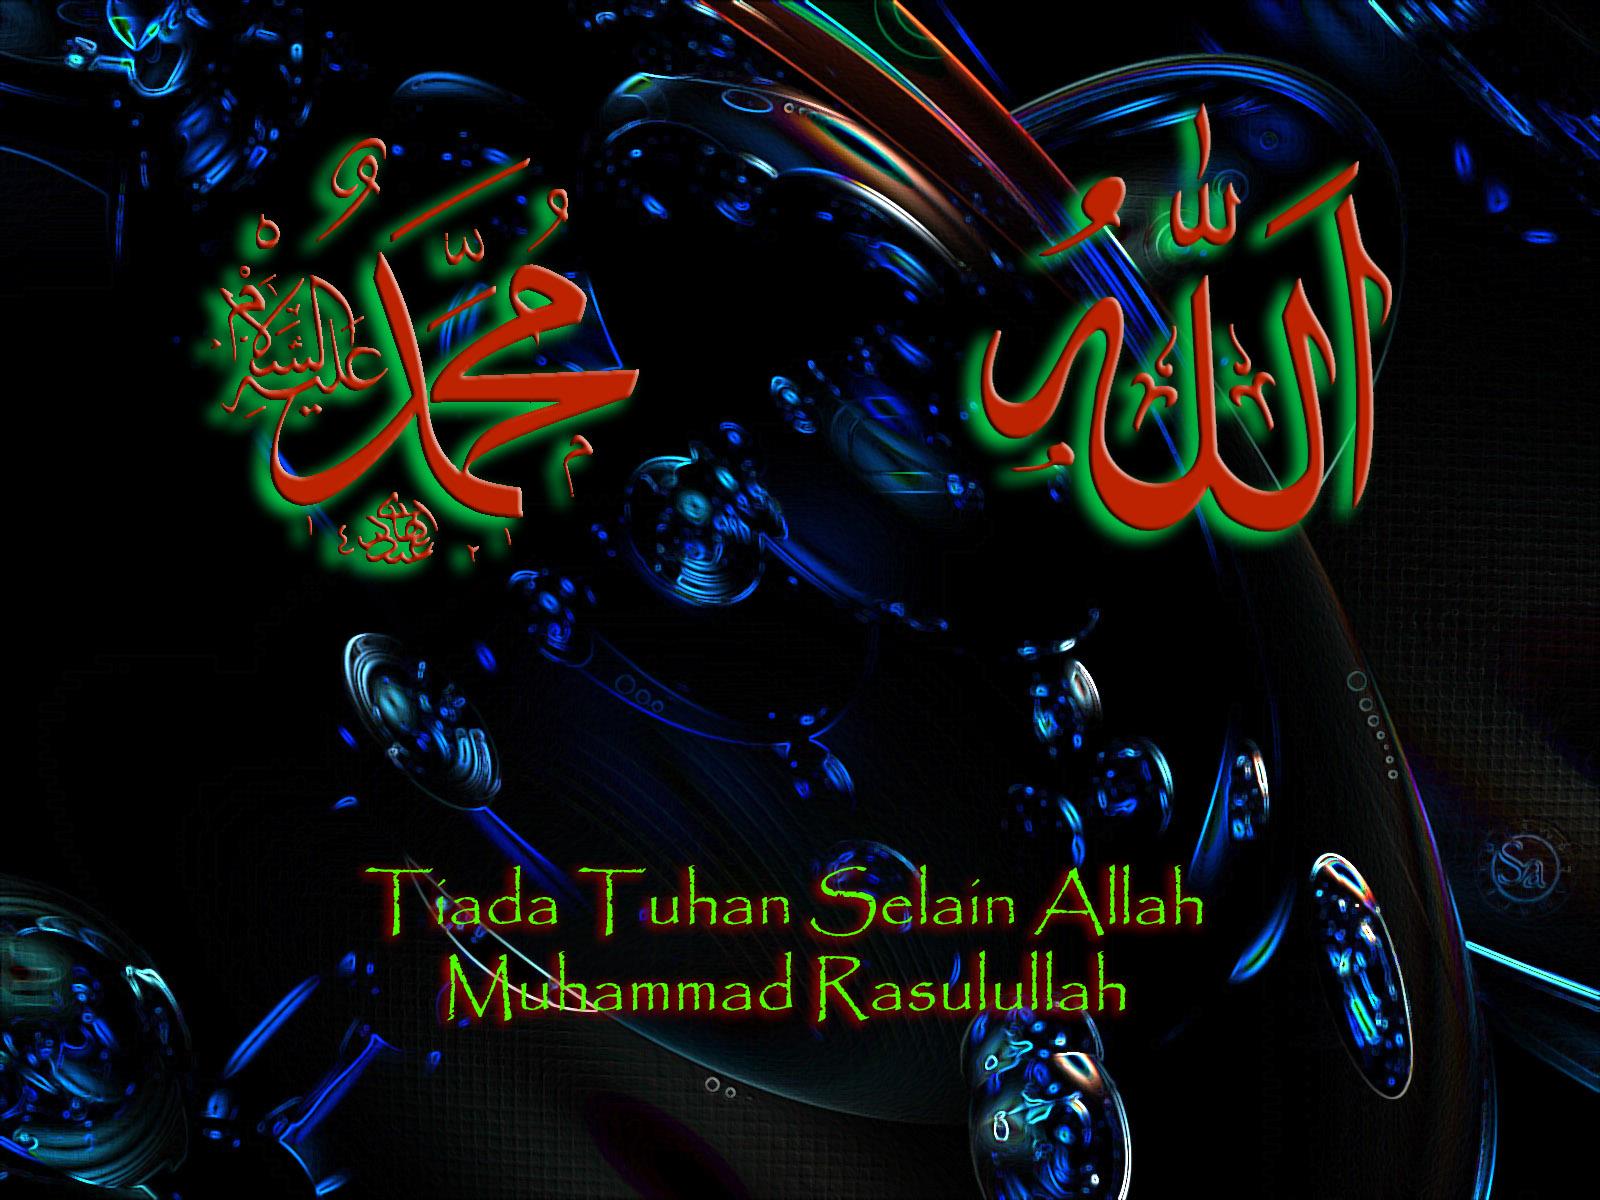 http://2.bp.blogspot.com/-pr_v4B_4BK8/TdUHuoDingI/AAAAAAAAATg/Of0bhYYqKo4/s1600/Tiada+Tuhan+Selain+Allah+Muhammad+Rasulullah.jpg